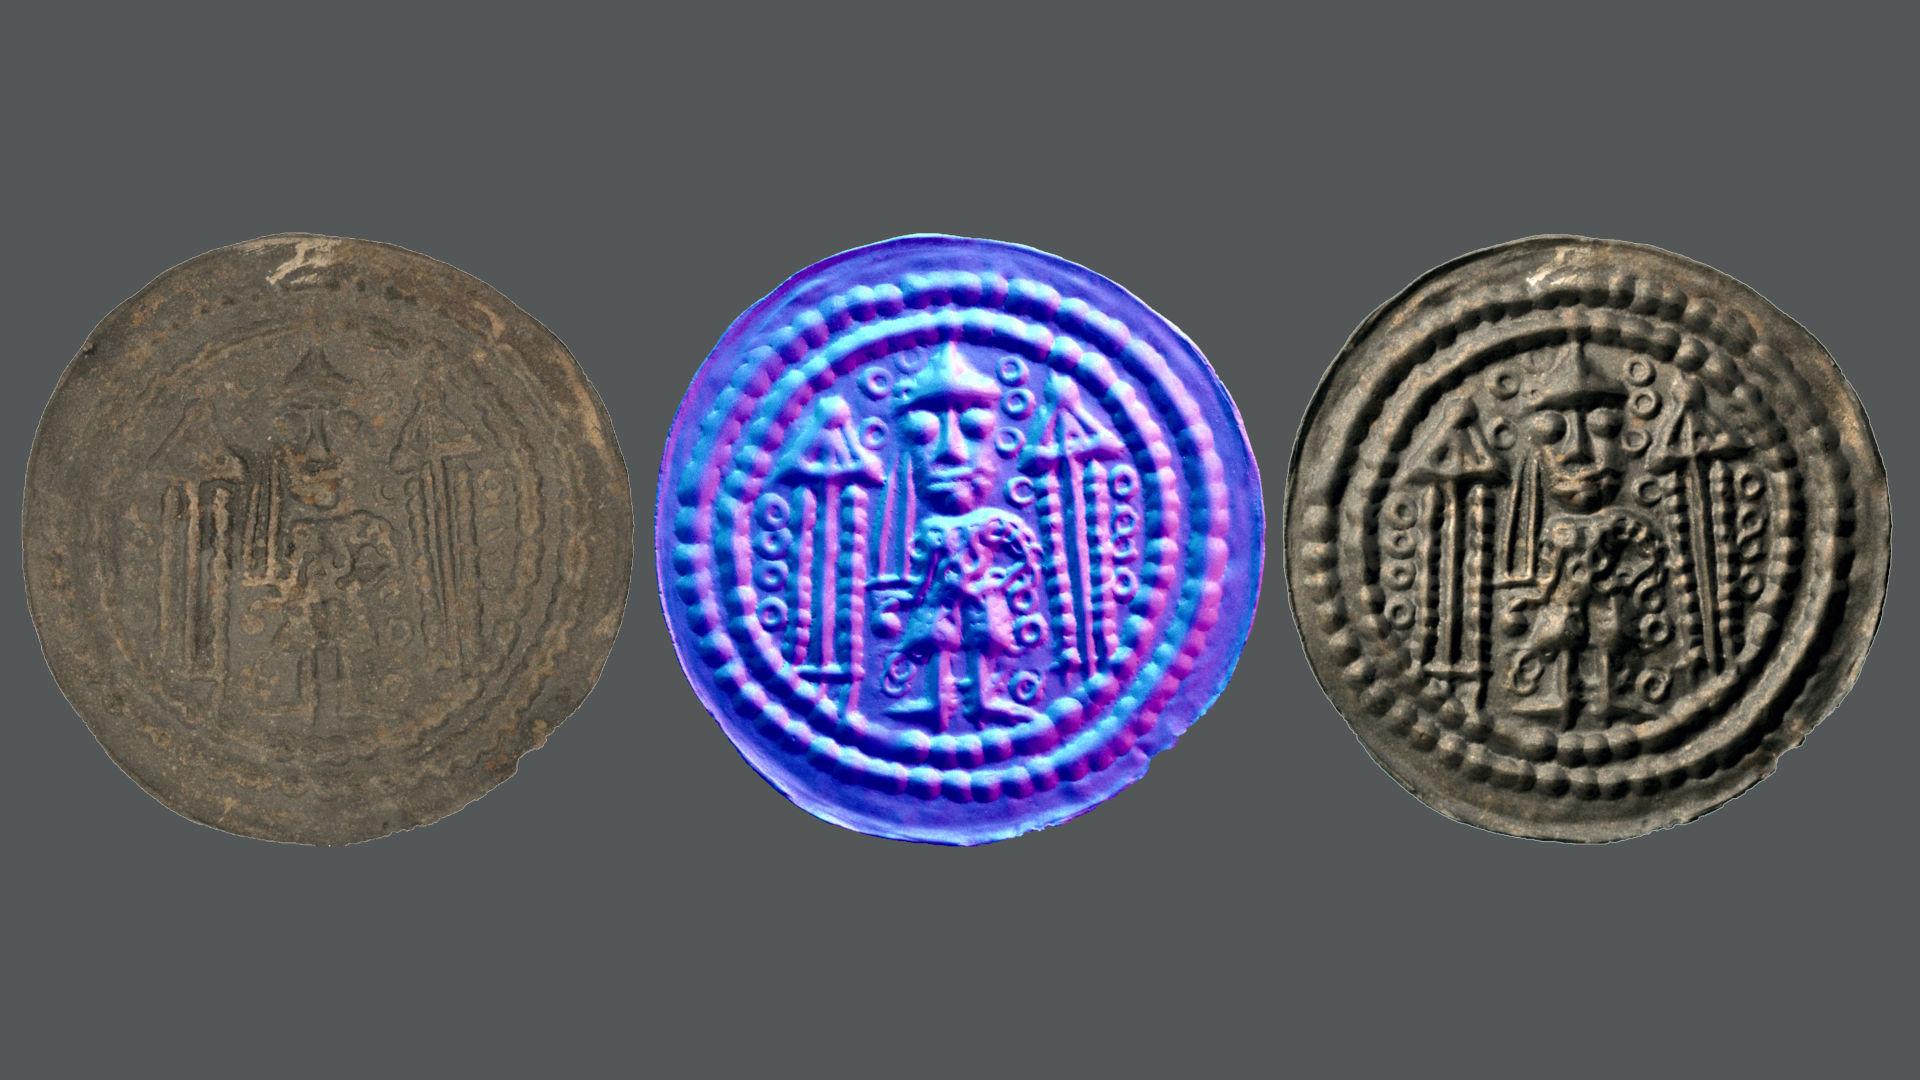 Münze des Münzherren Konrad Markgraf von Meissen (Prägedatum um 1150)